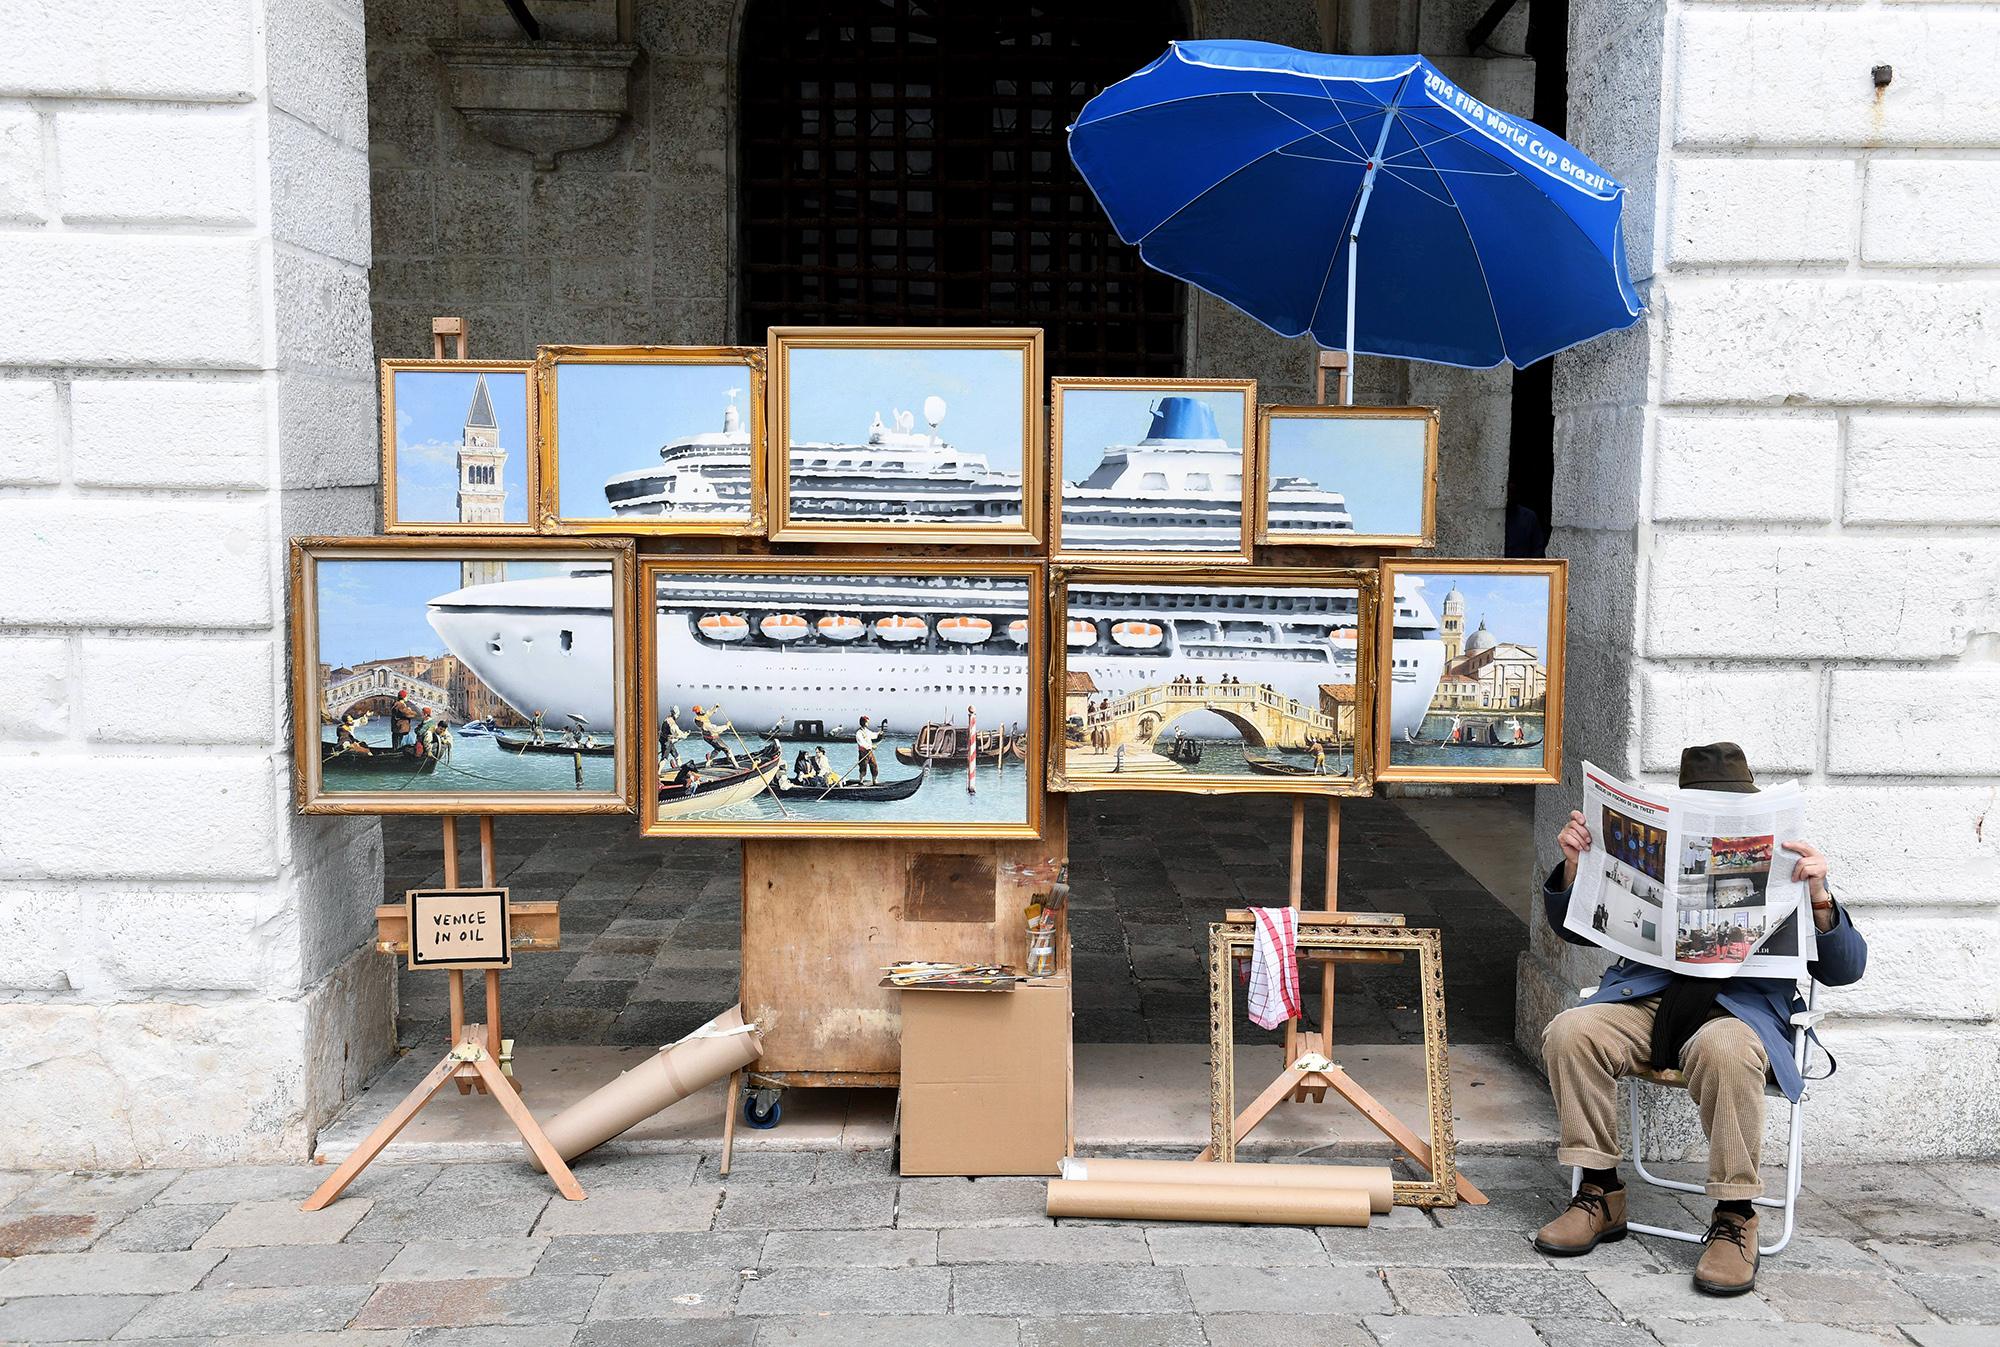 На фото — неизвестный человек наБиеннале вВенеции  (предположительно — британский уличный художник Бэнкси) рядом сгруппой картин подназванием «Венеция вмасле», изображающих огромный круизный лайнер, окруженный крошечными венецианскими гондолами. Бэнкси опубликовал винстаграме видео, где показывает, как он монтирует эту несогласованную свластями города инсталляцию. Полиция попросила человека сфото немедленно убрать все картины.